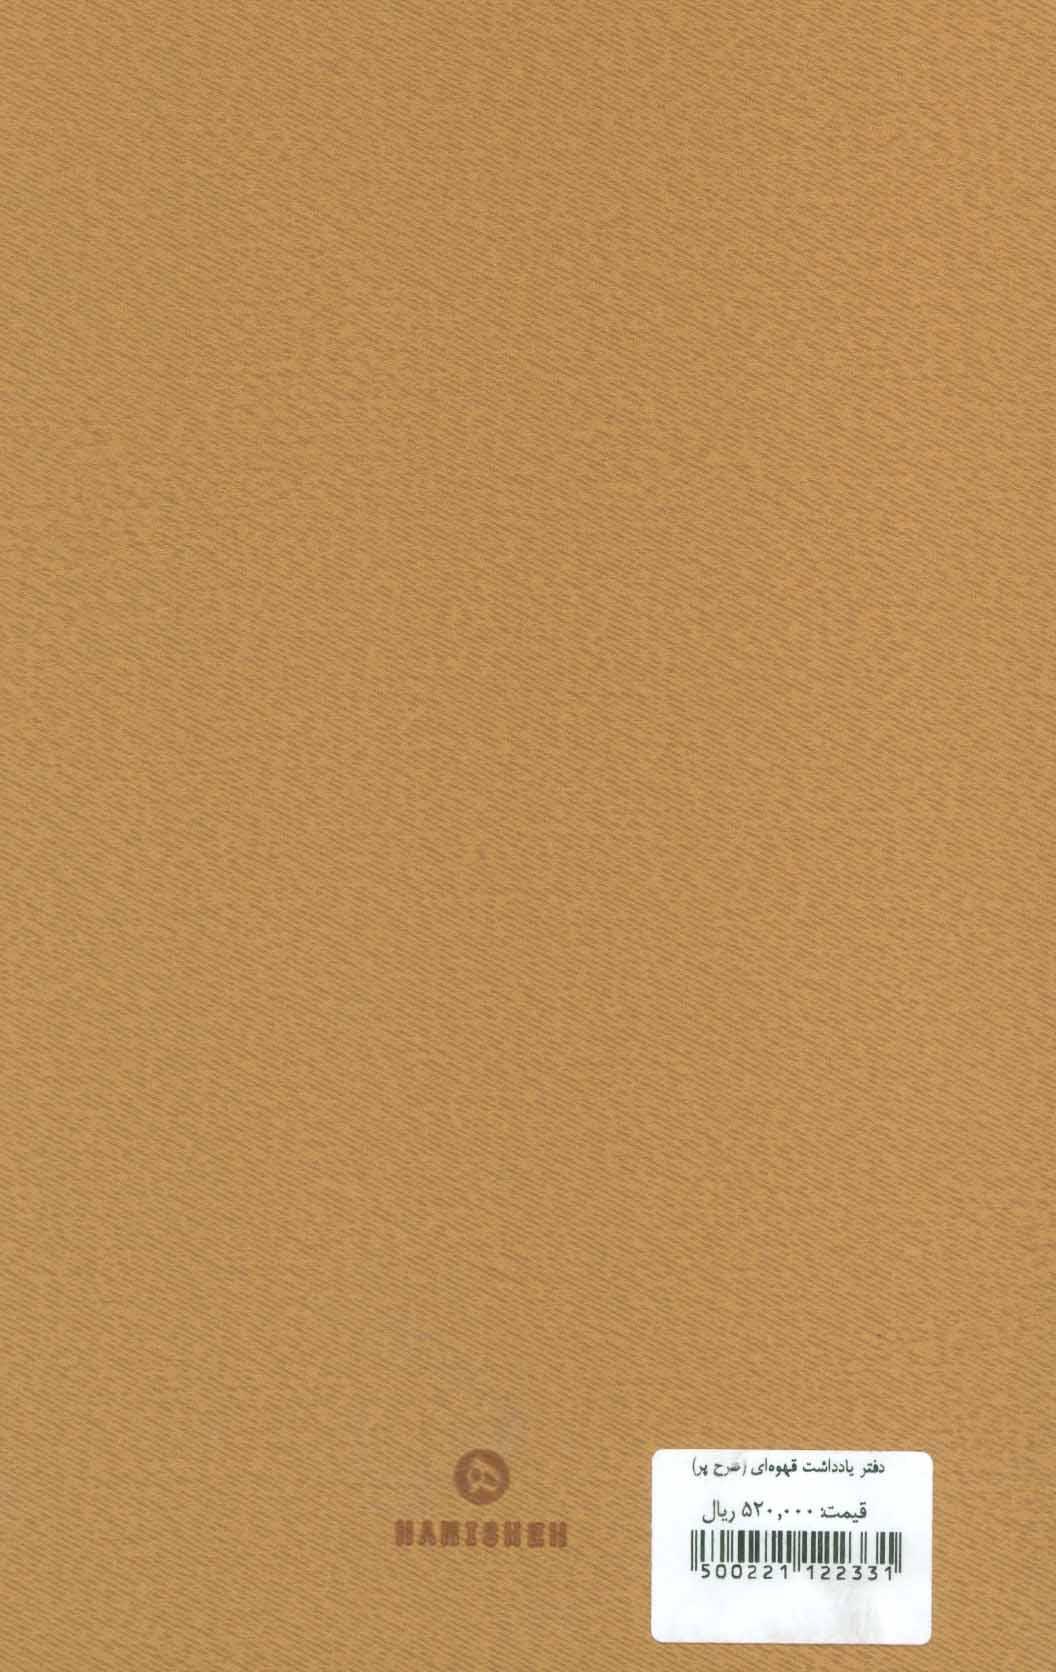 دفتر یادداشت خط دار (قهوه ای،طرح پر)،(ترمو،لب طلایی)